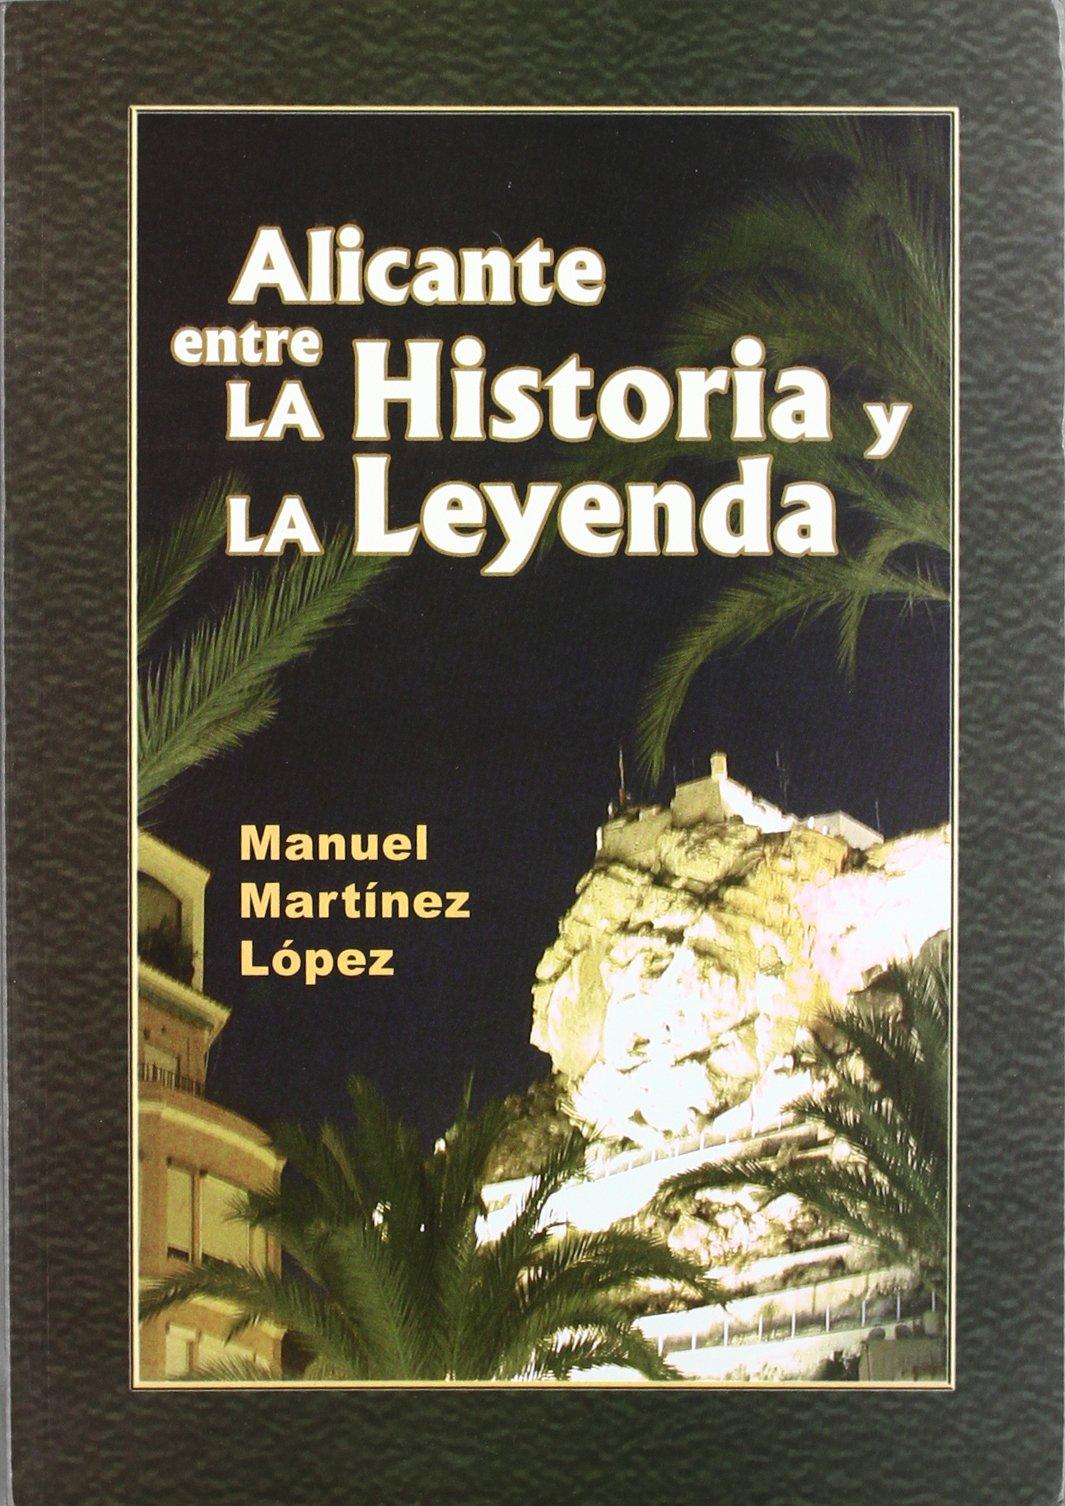 Alicante entre la historia y la leyenda (Spanish) Paperback – May 27, 2005